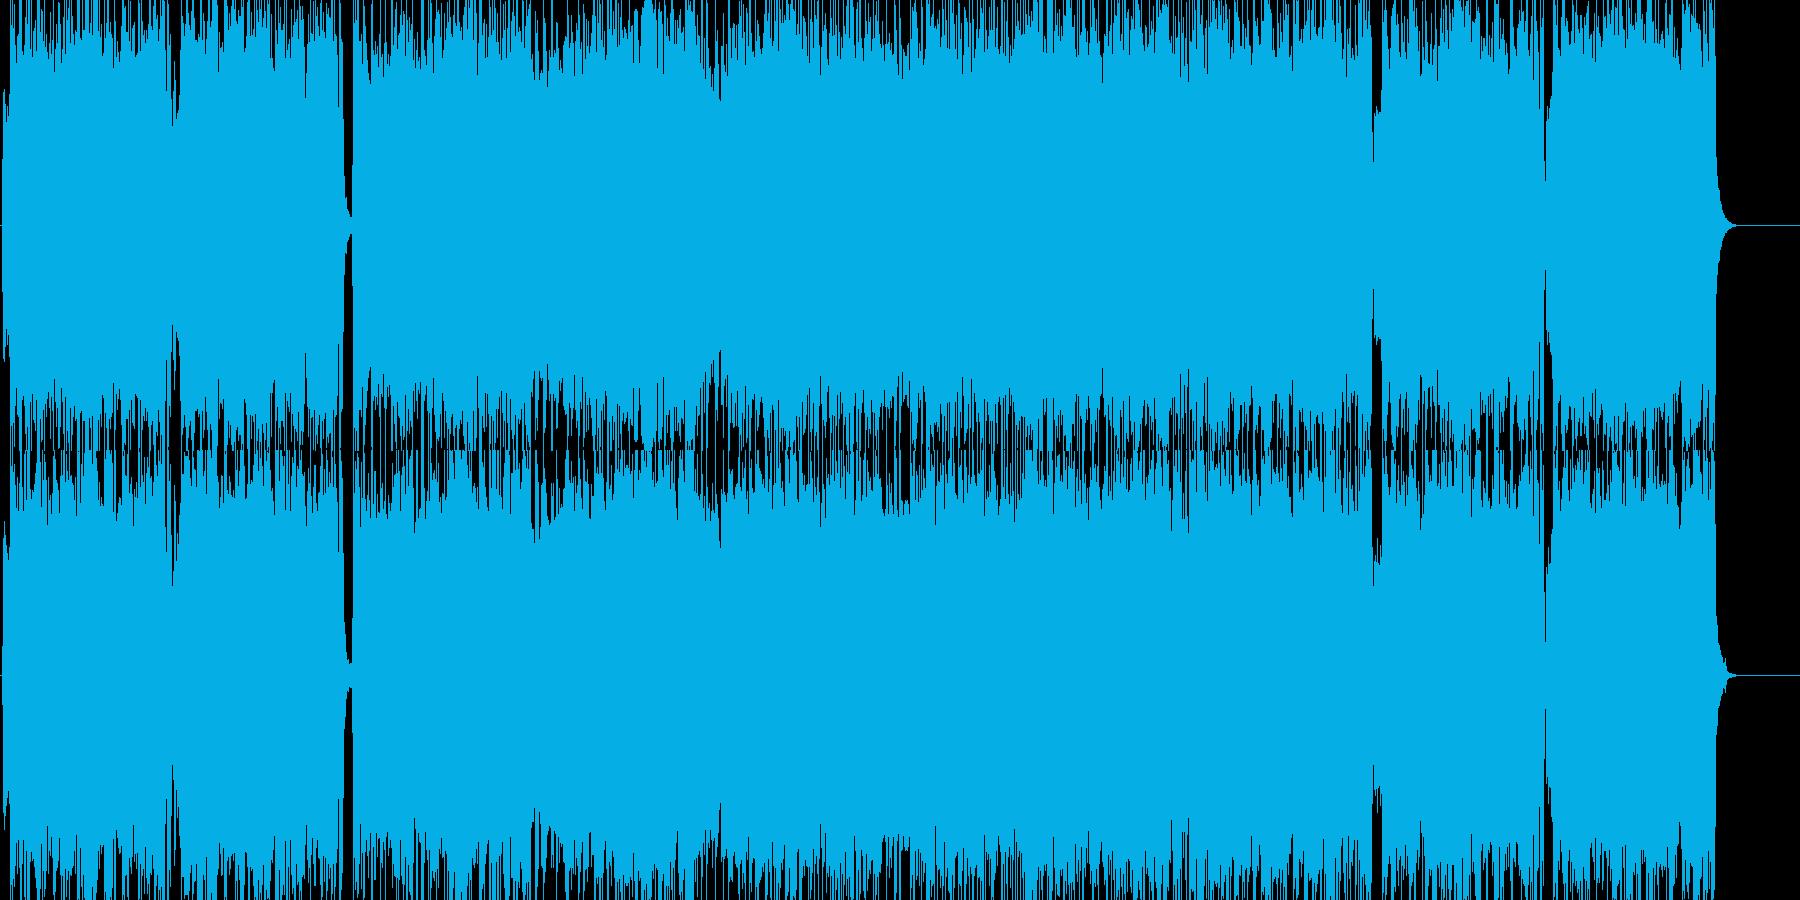 力強くパワフルな重厚ロックの再生済みの波形